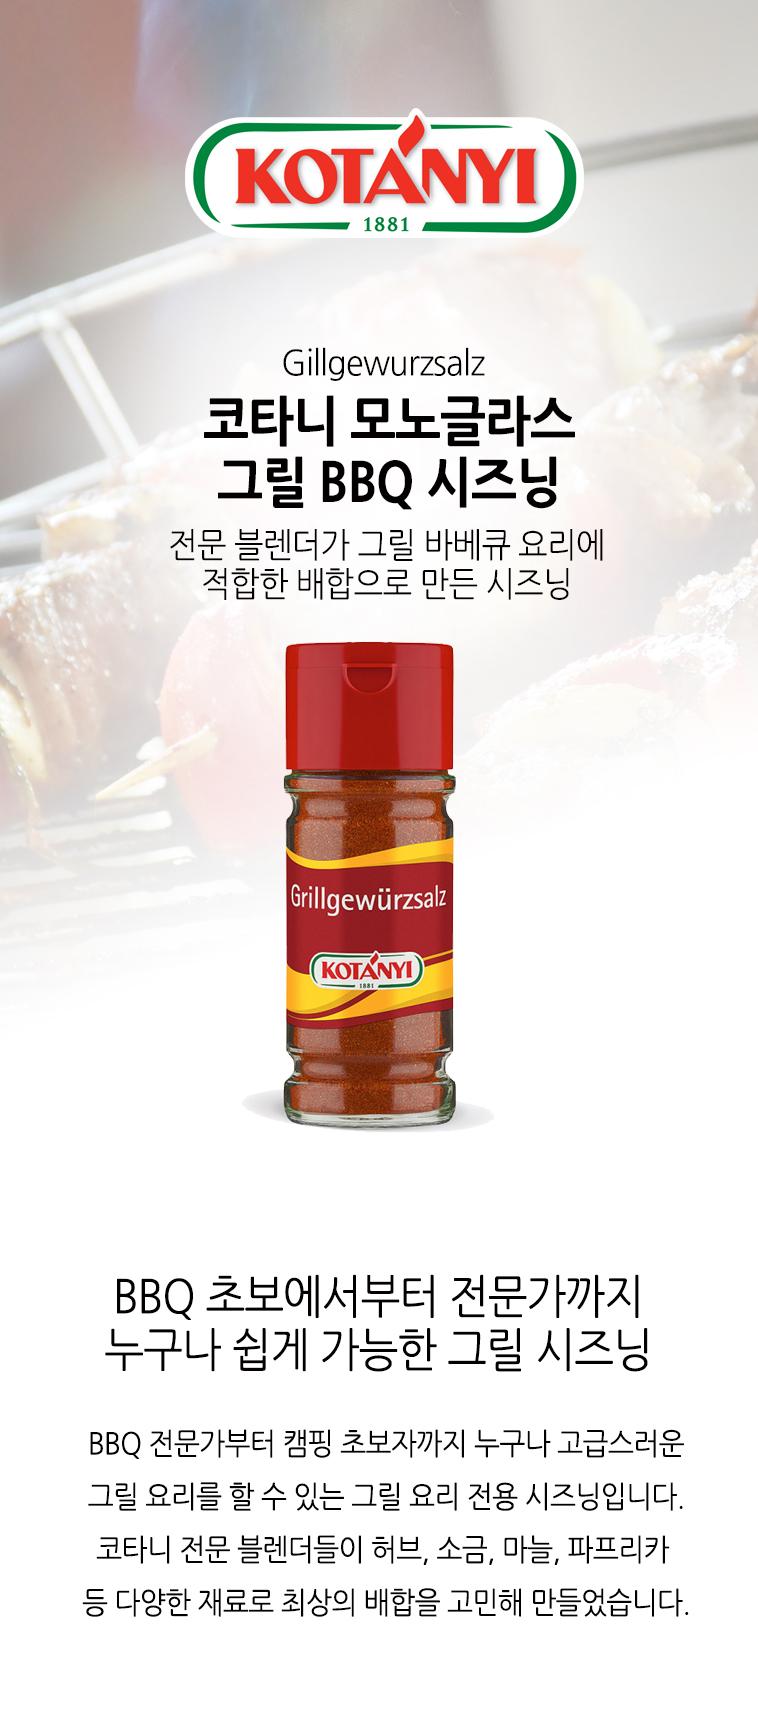 코타니-그릴BBQ 시즈닝 모노글라스 - 코타니, 5,900원, 조미료, 소금